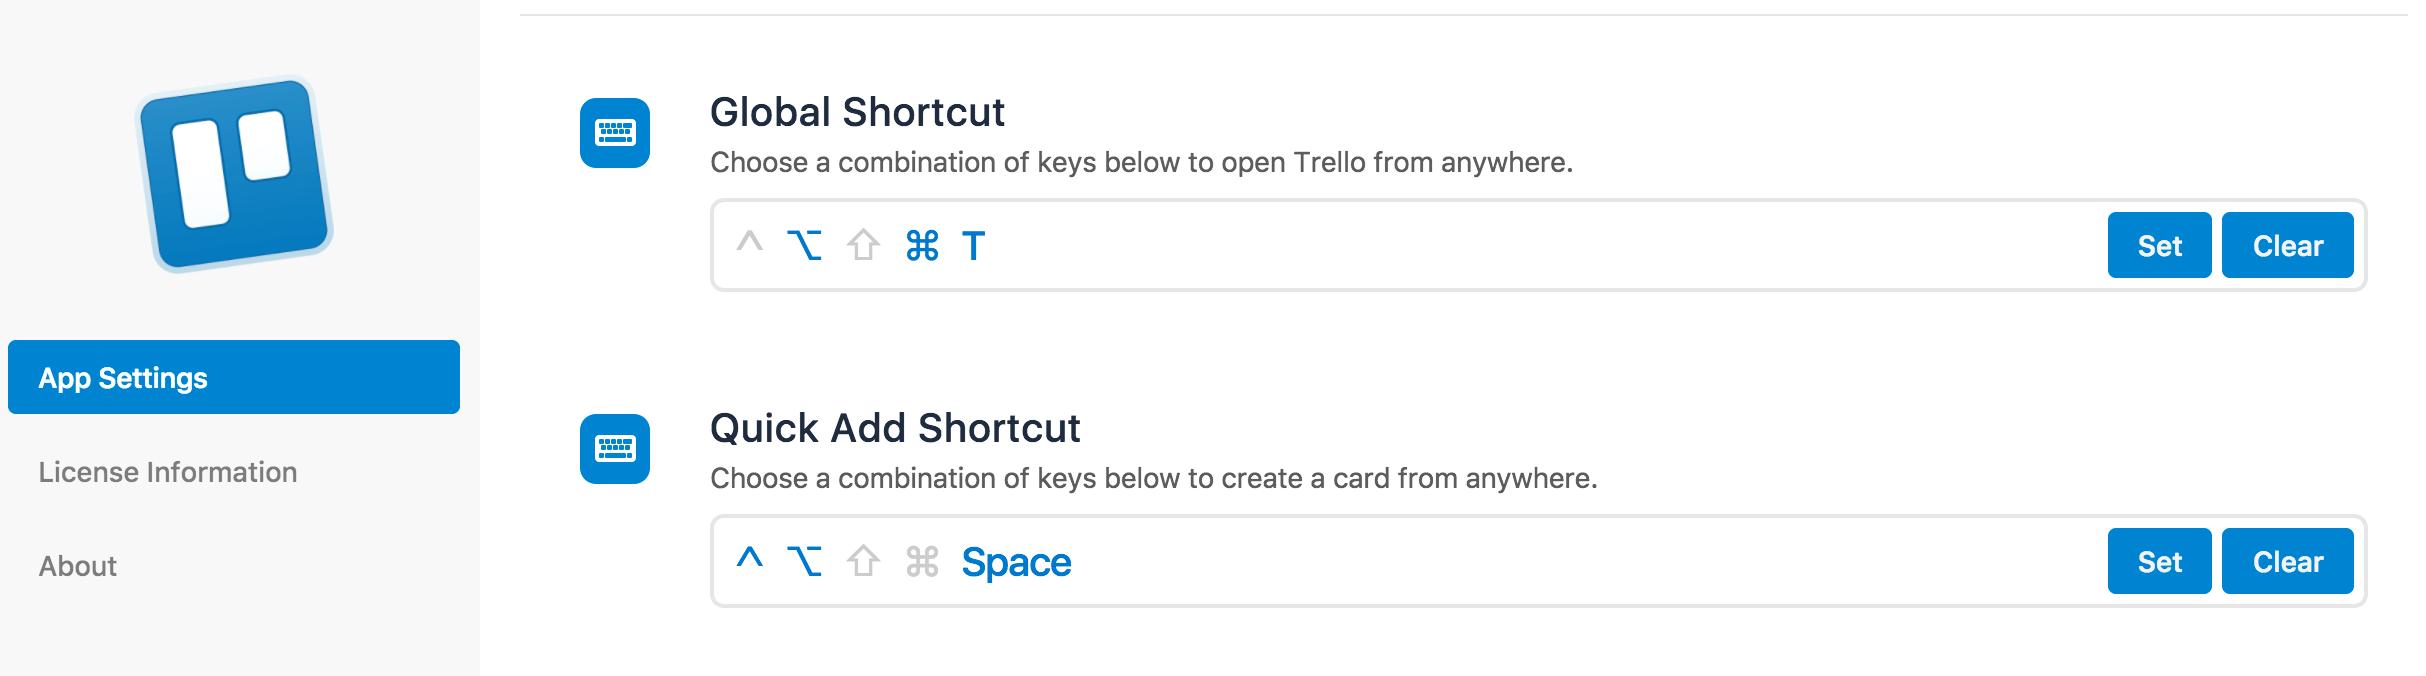 Trello app shortcuts